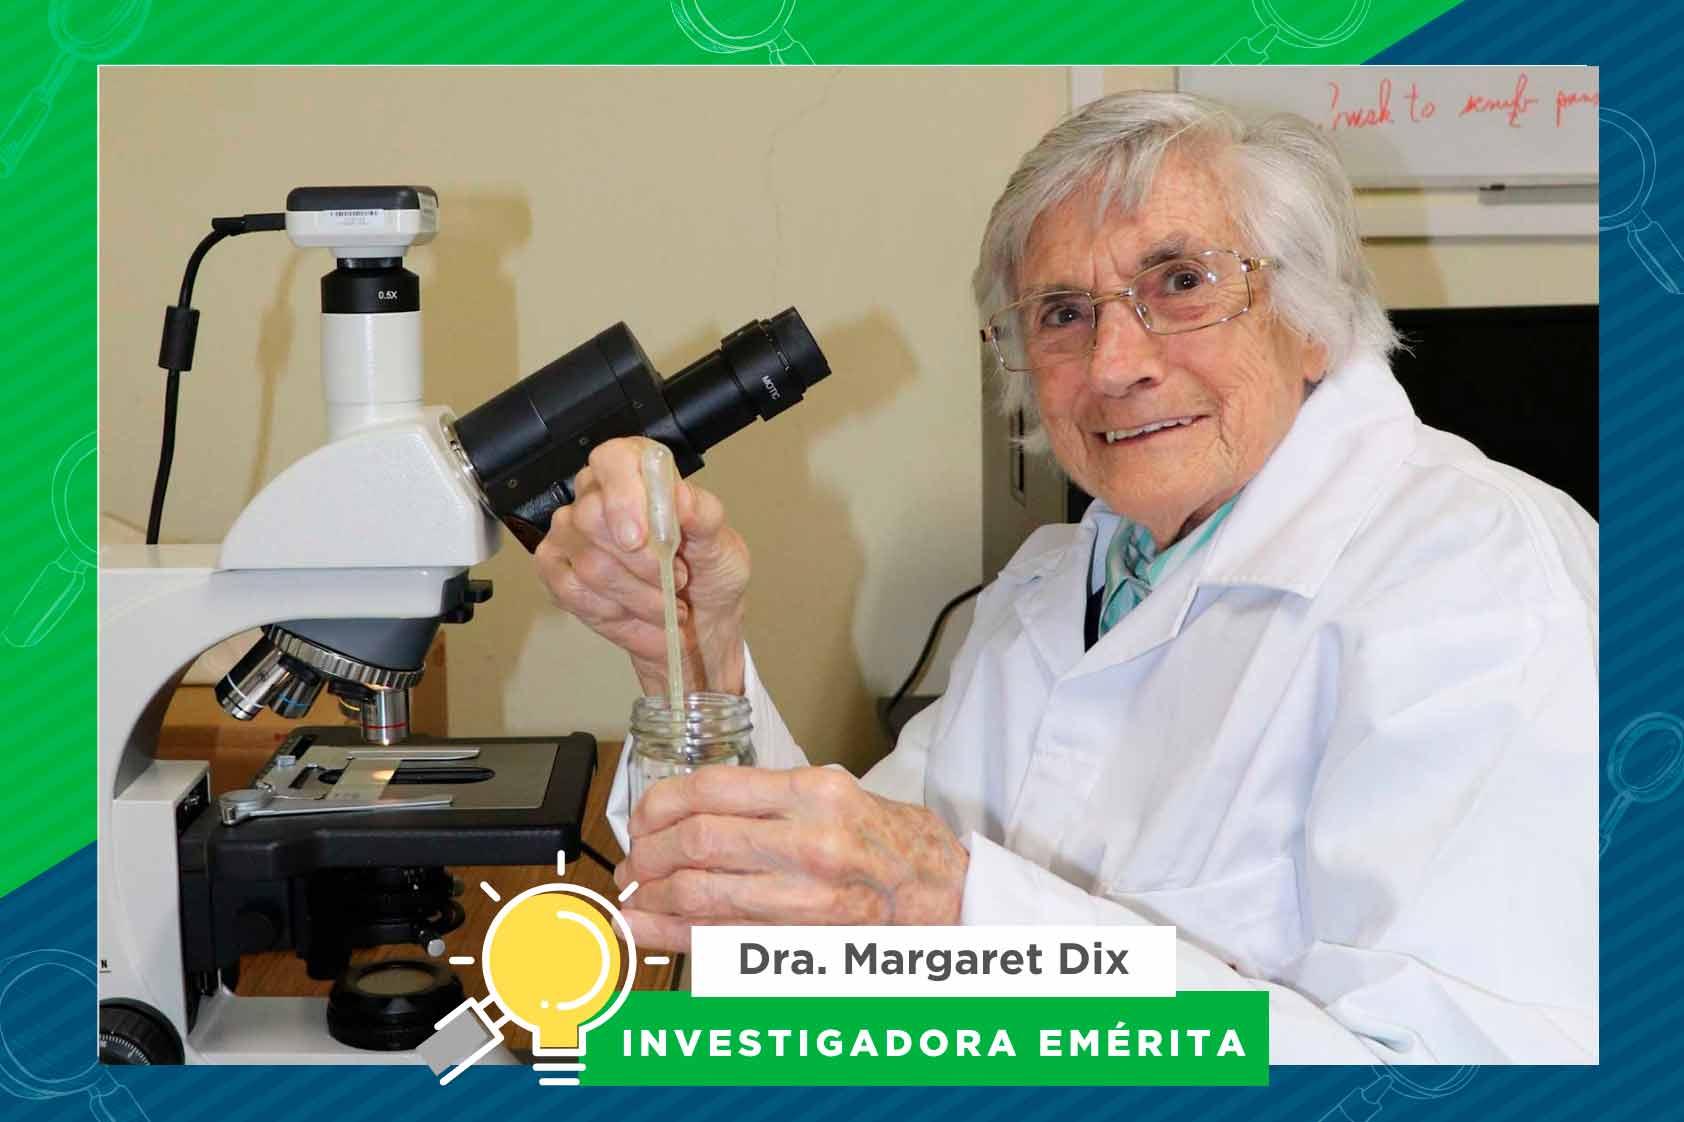 Margaret Dix y la continuación de su legado en la investigación